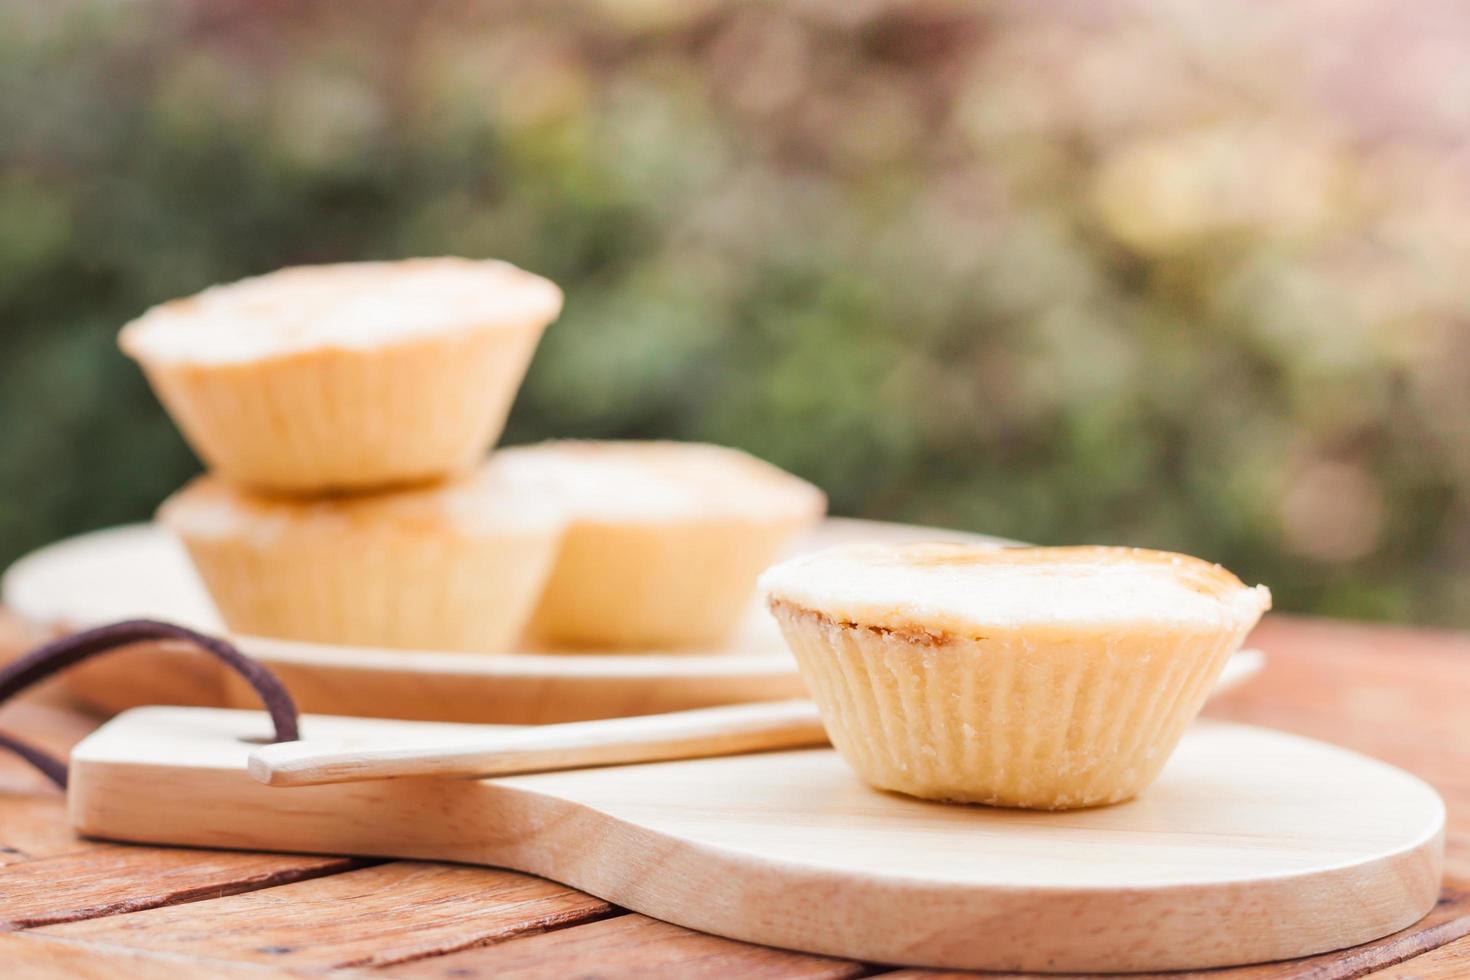 mini tartes sur une table photo